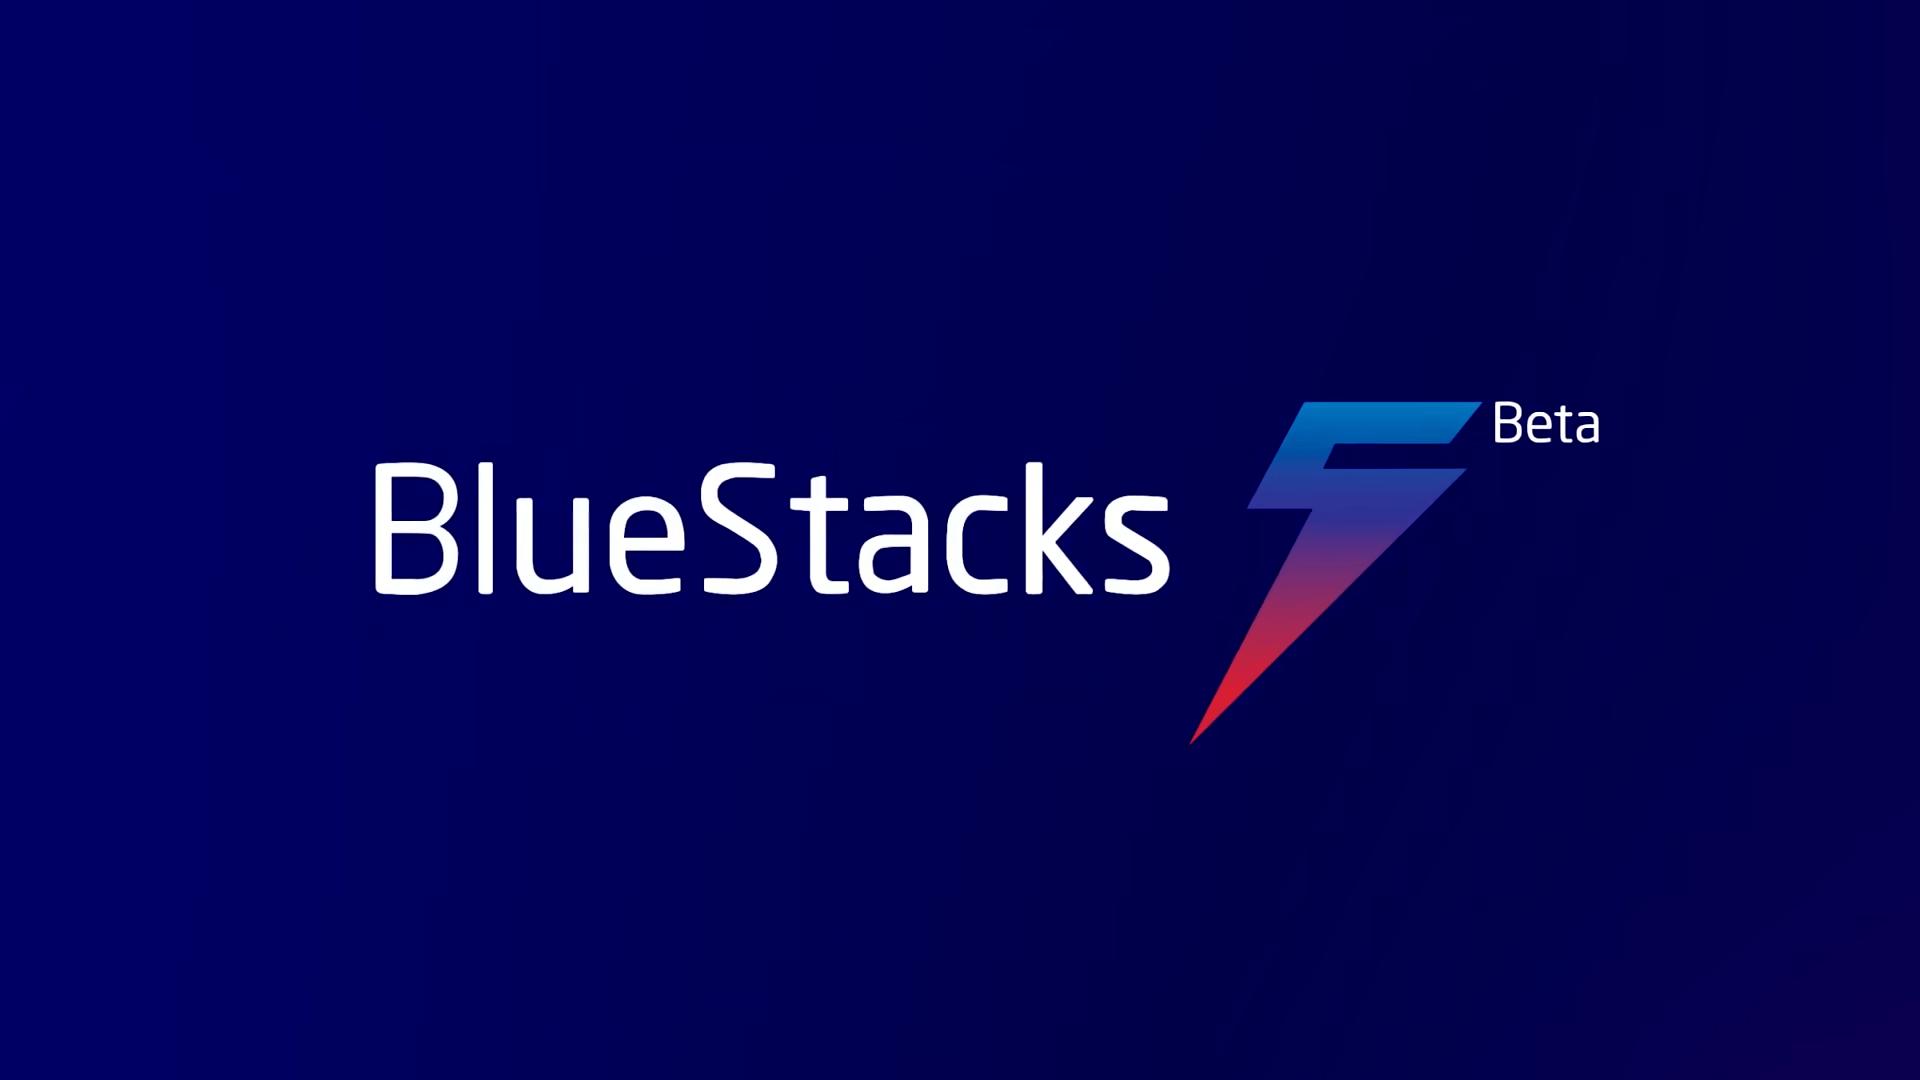 Il Lancio di BlueStacks 5 – I motivi per provare subito la nuova versione